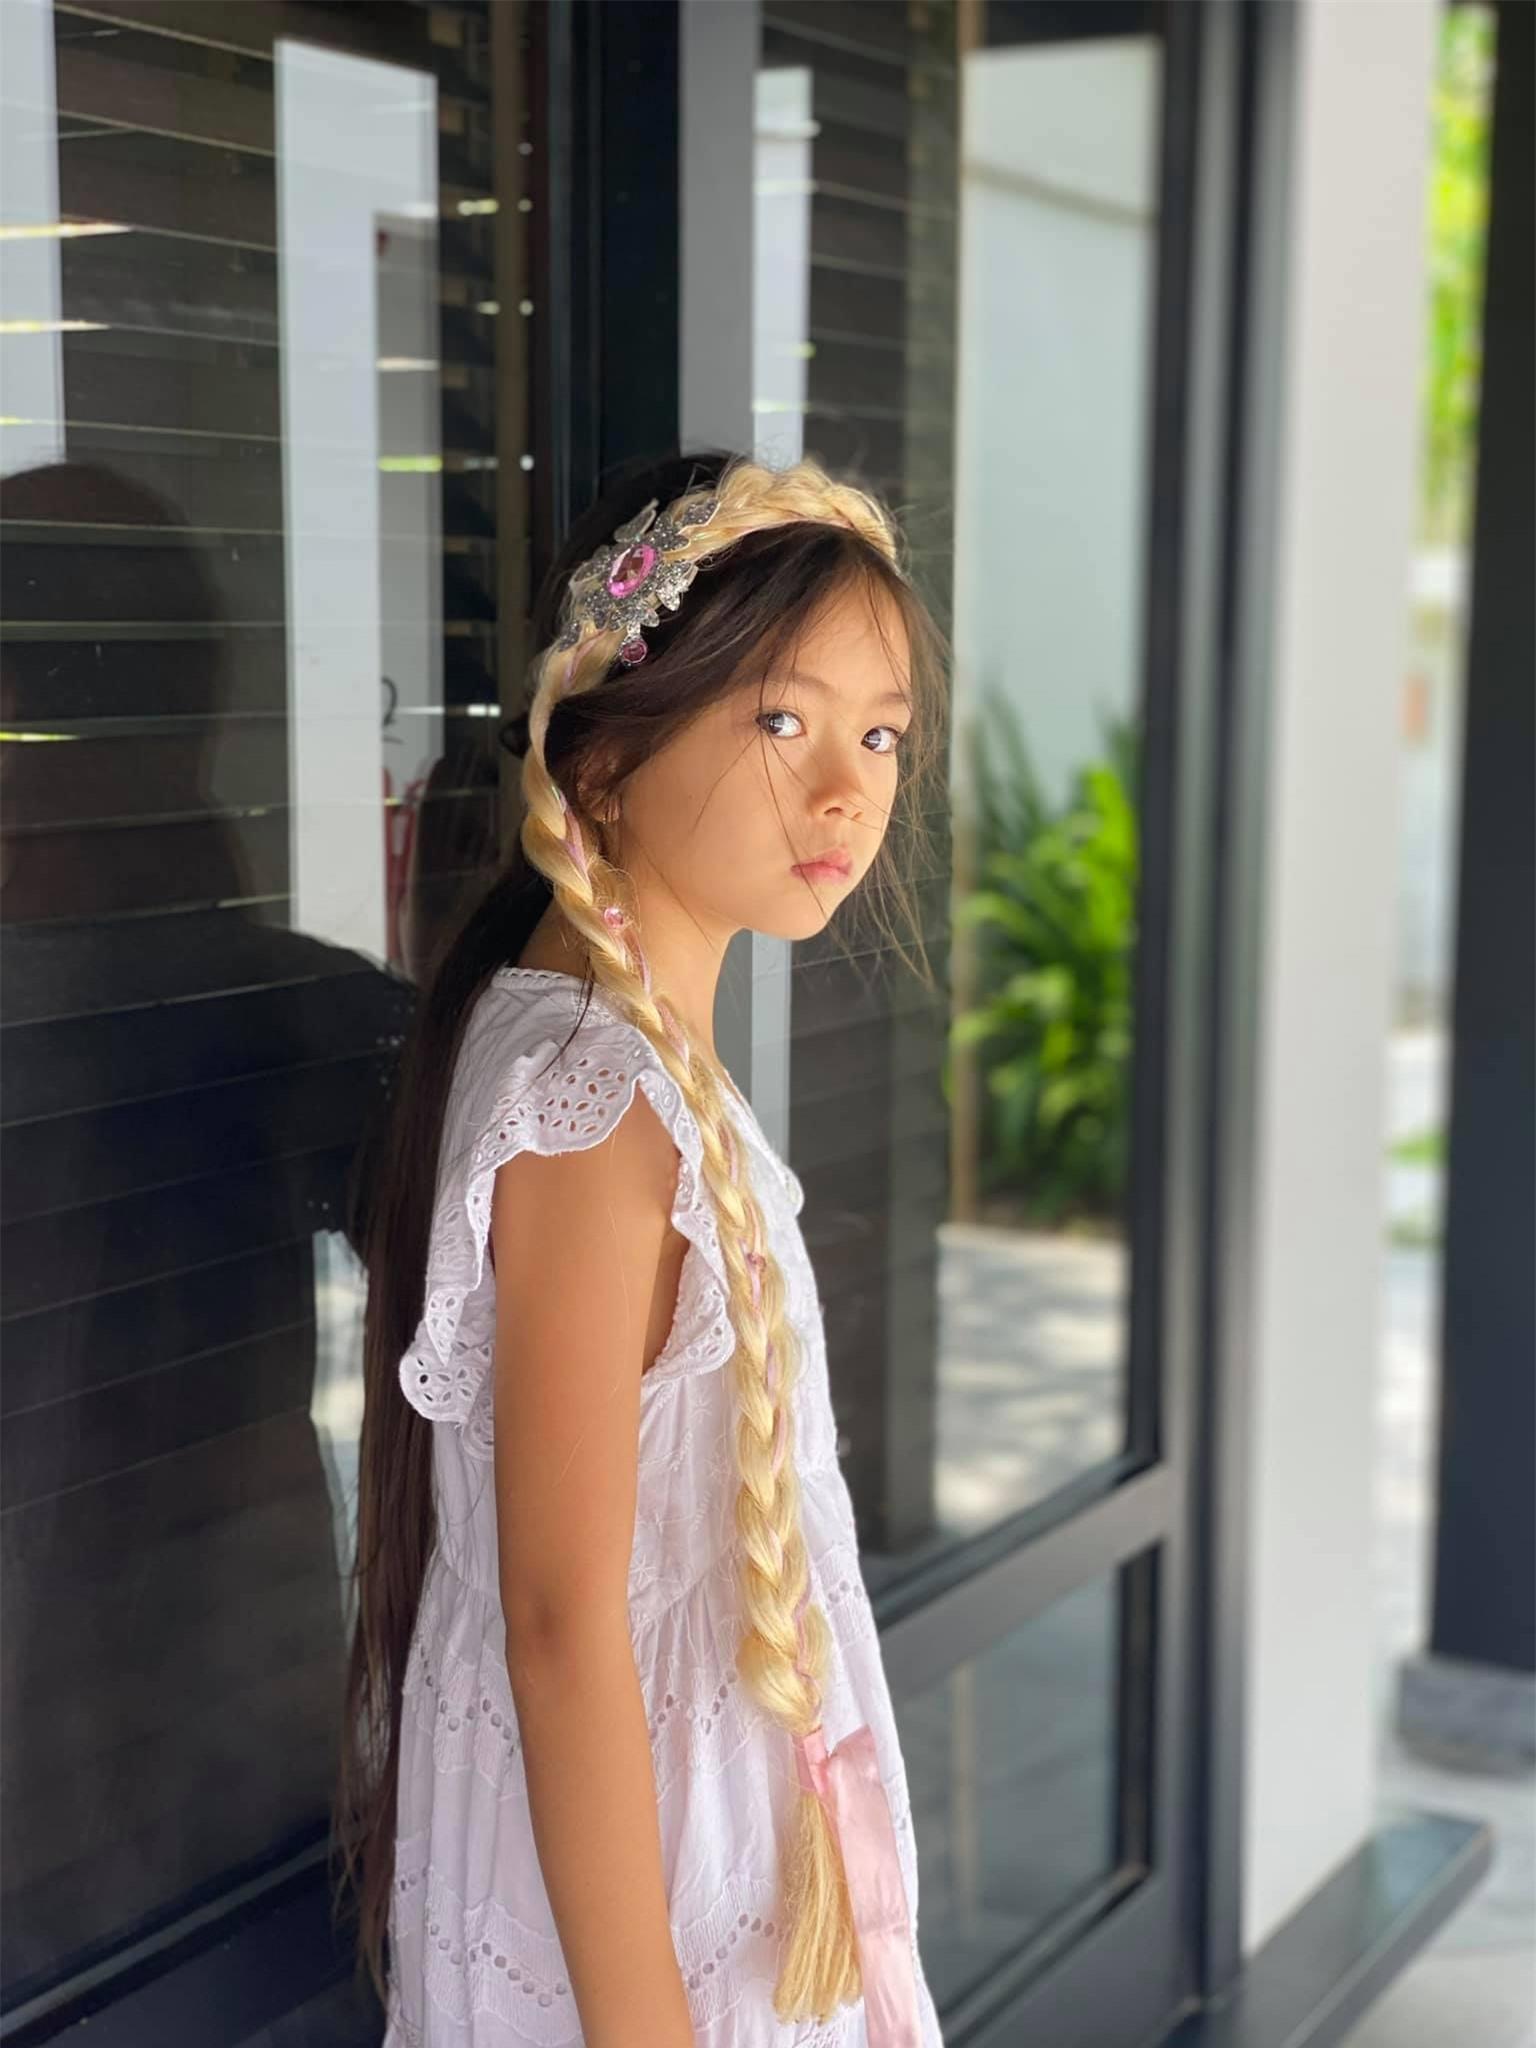 Đoan Trang có cô con gái mới 7 tuổi nhưng thần thái cực đỉnh, mỉm cười nhẹ 1 phát đã giật luôn spotlight của bố mẹ - Ảnh 7.